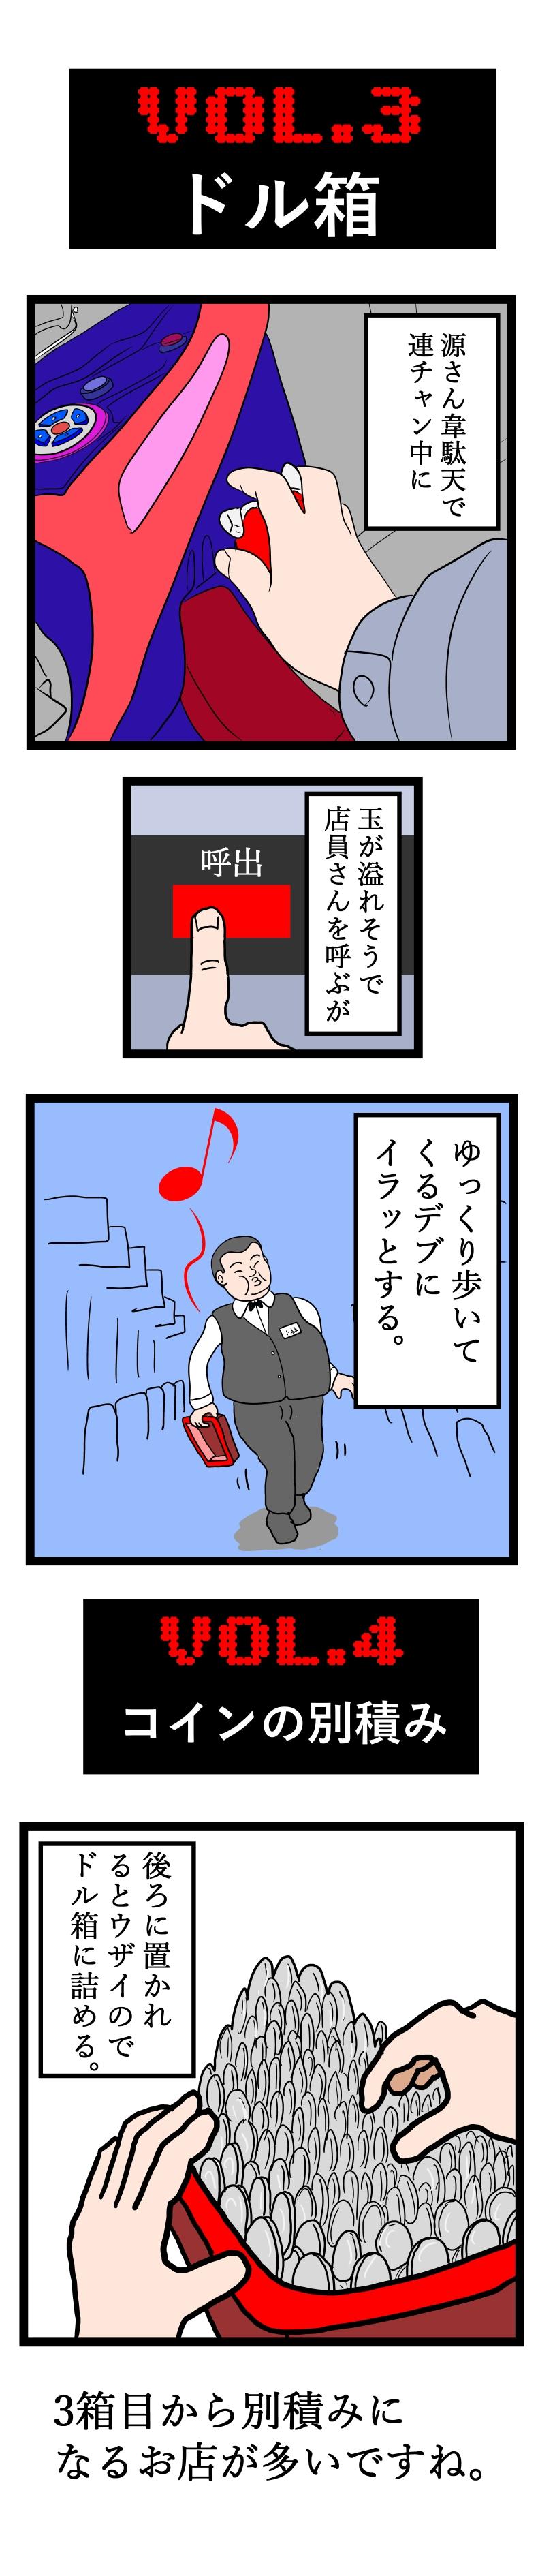 WEBパチスロ漫画